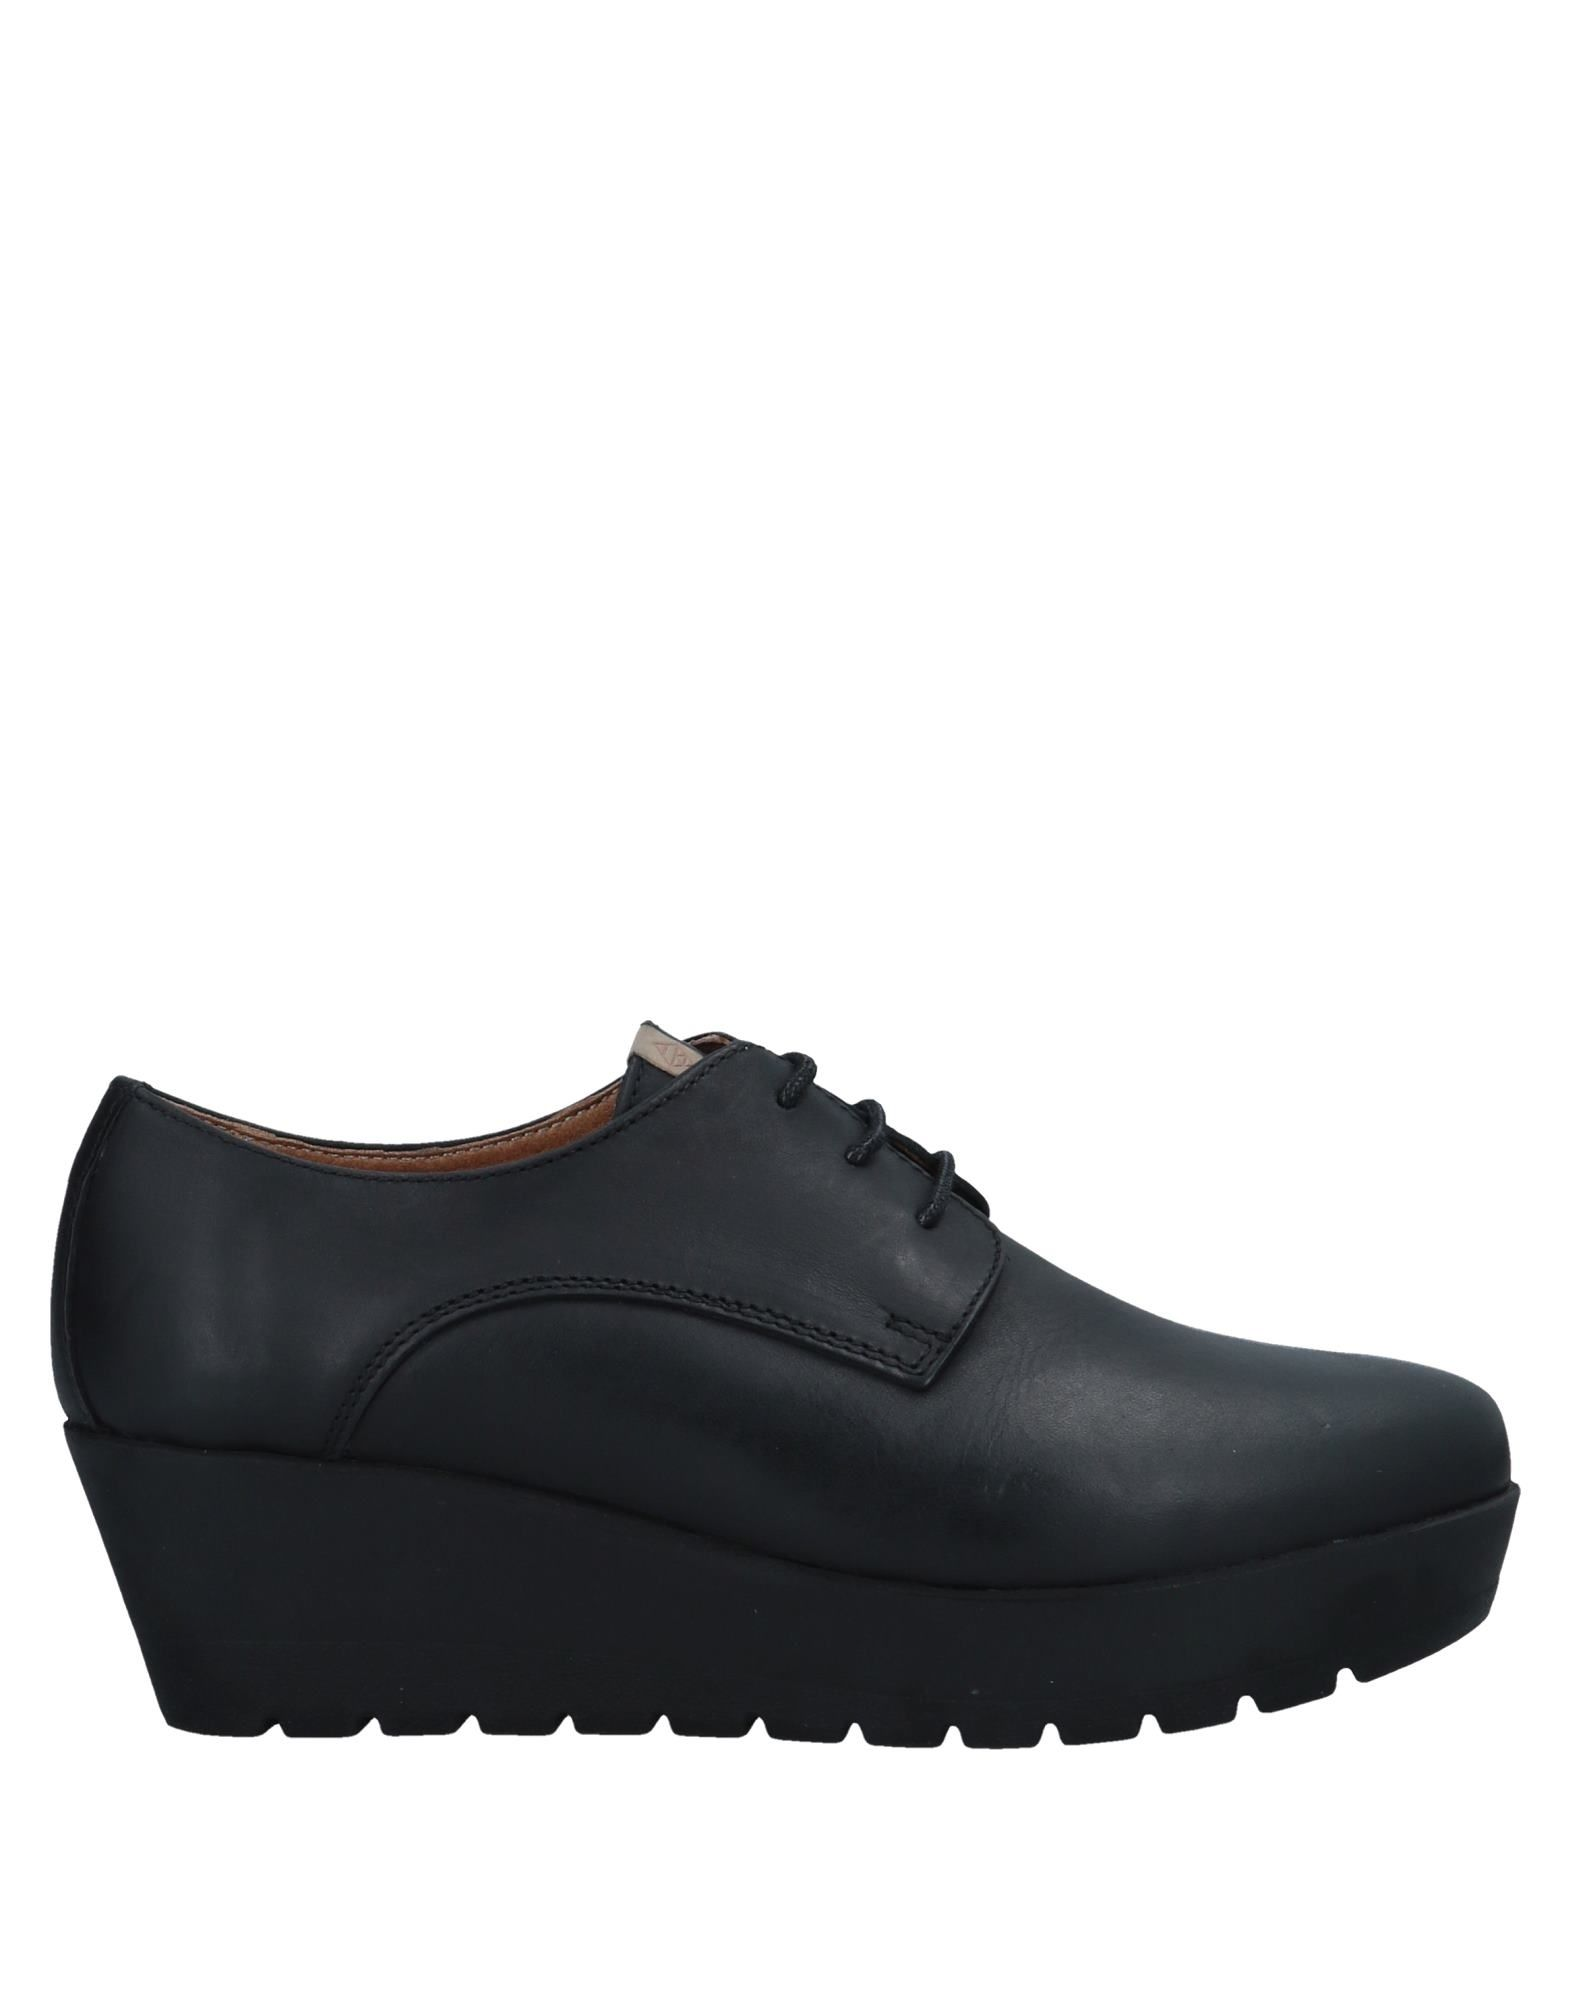 Фото - MAIANS Обувь на шнурках обувь на высокой платформе dkny